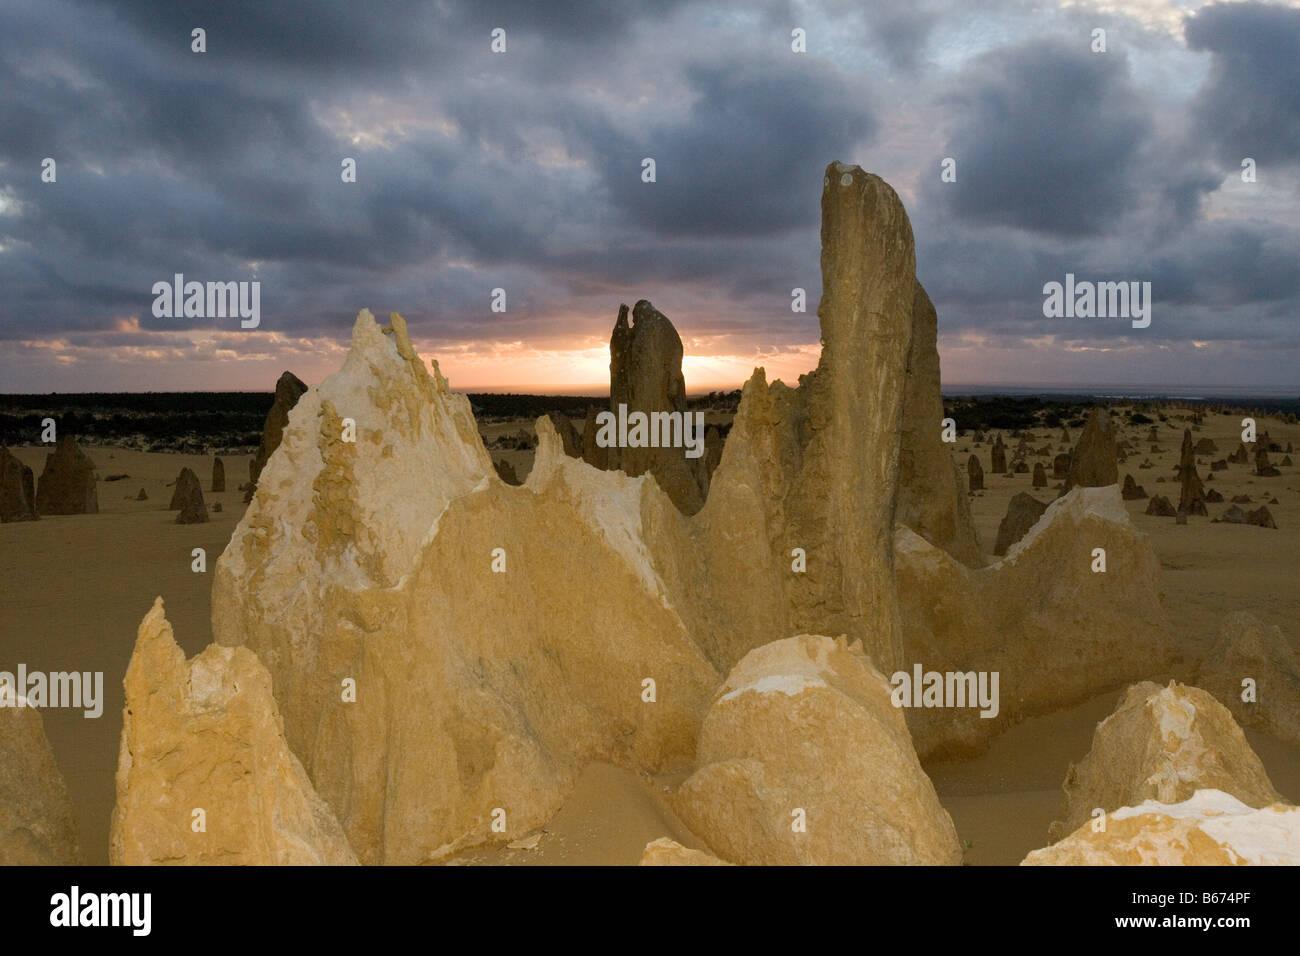 The pinnacles nambung national park perth - Stock Image